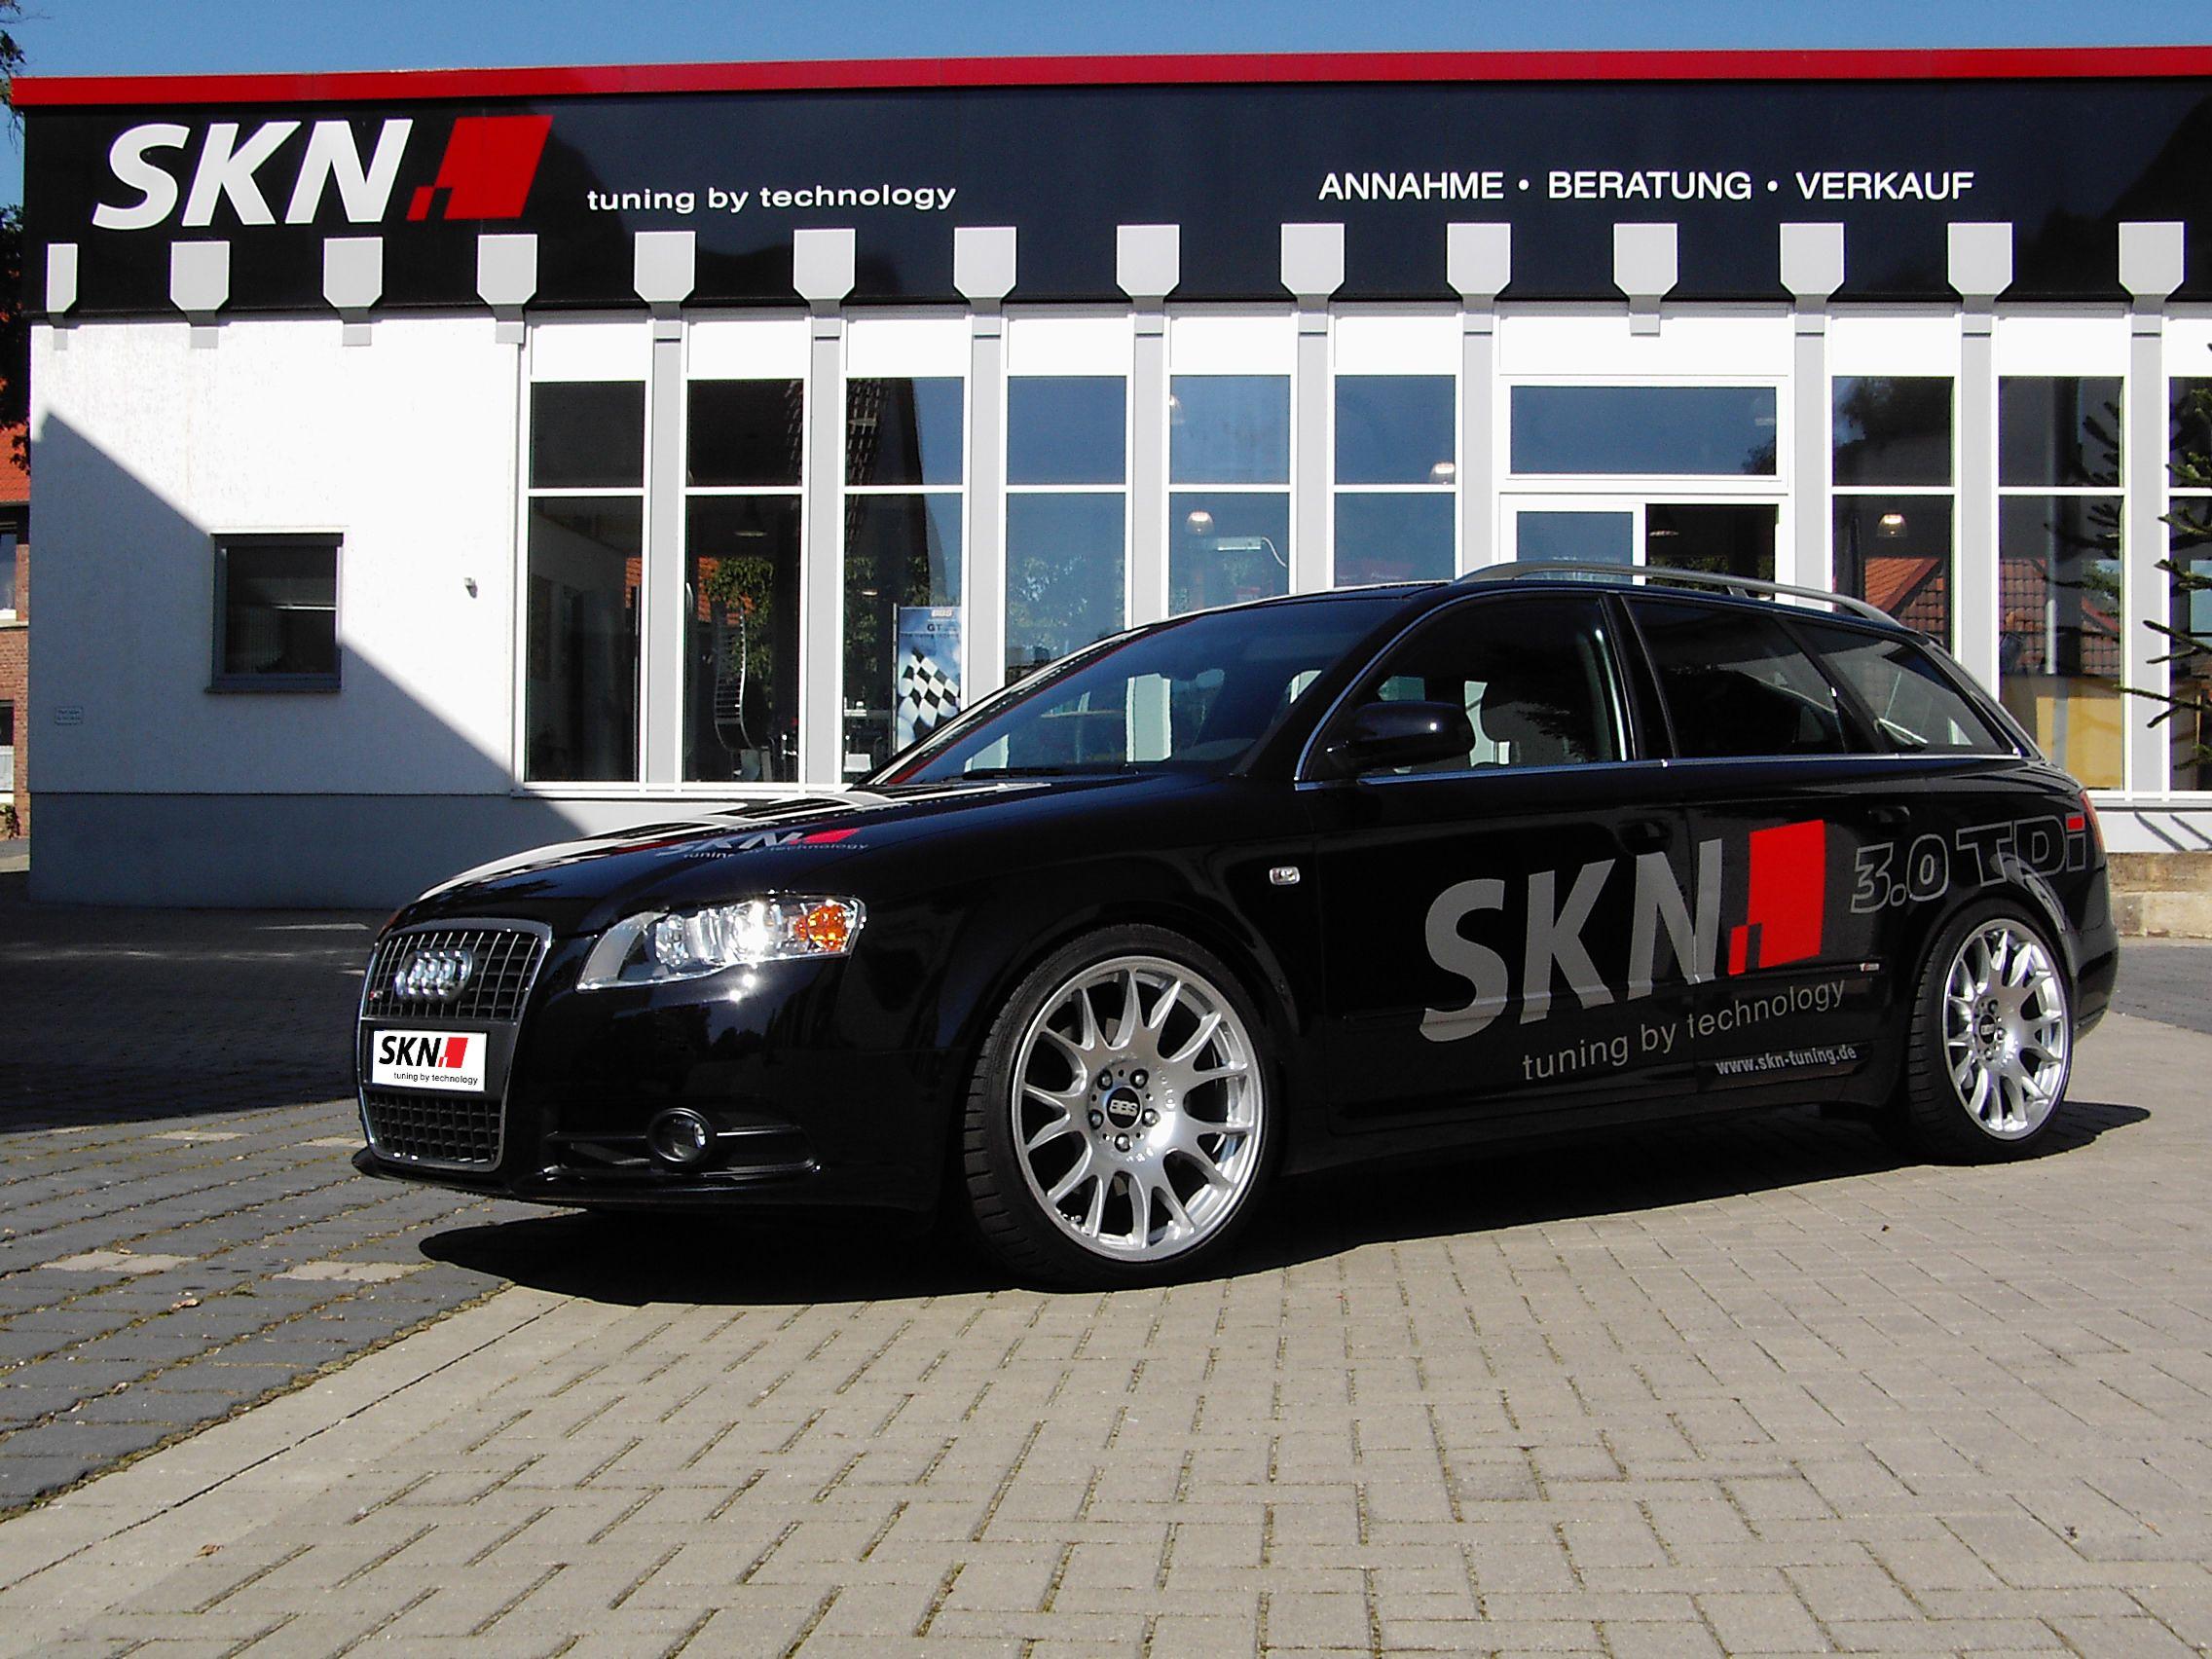 11 besten SKN Audi A4 3 0 TDI Quattro Bilder auf Pinterest